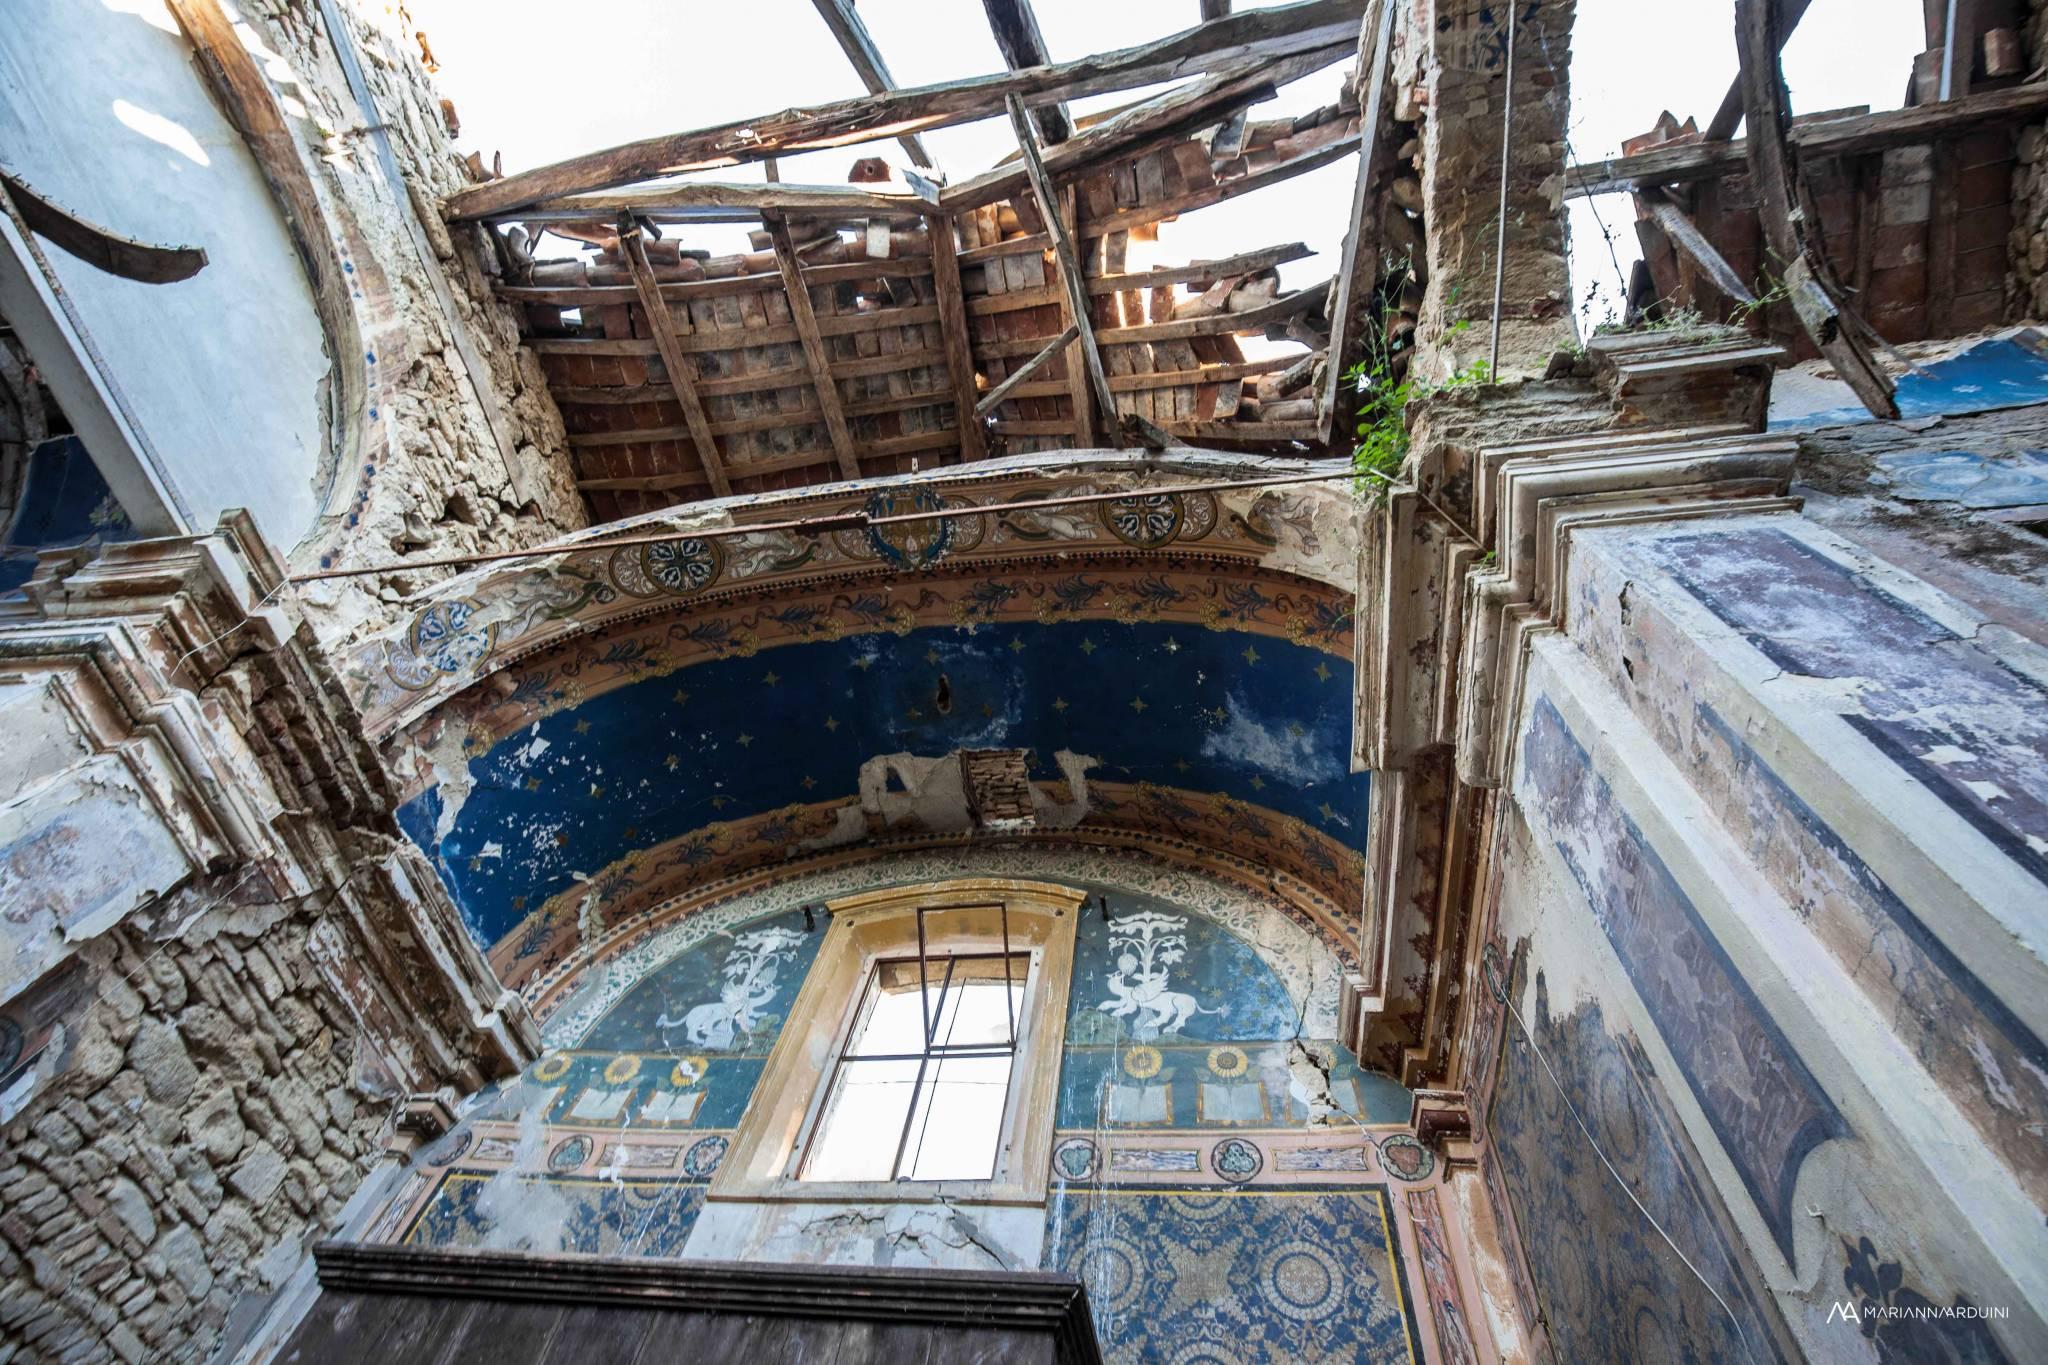 La chiesa dalla croce blu ascosi lasciti for Case abbandonate italia